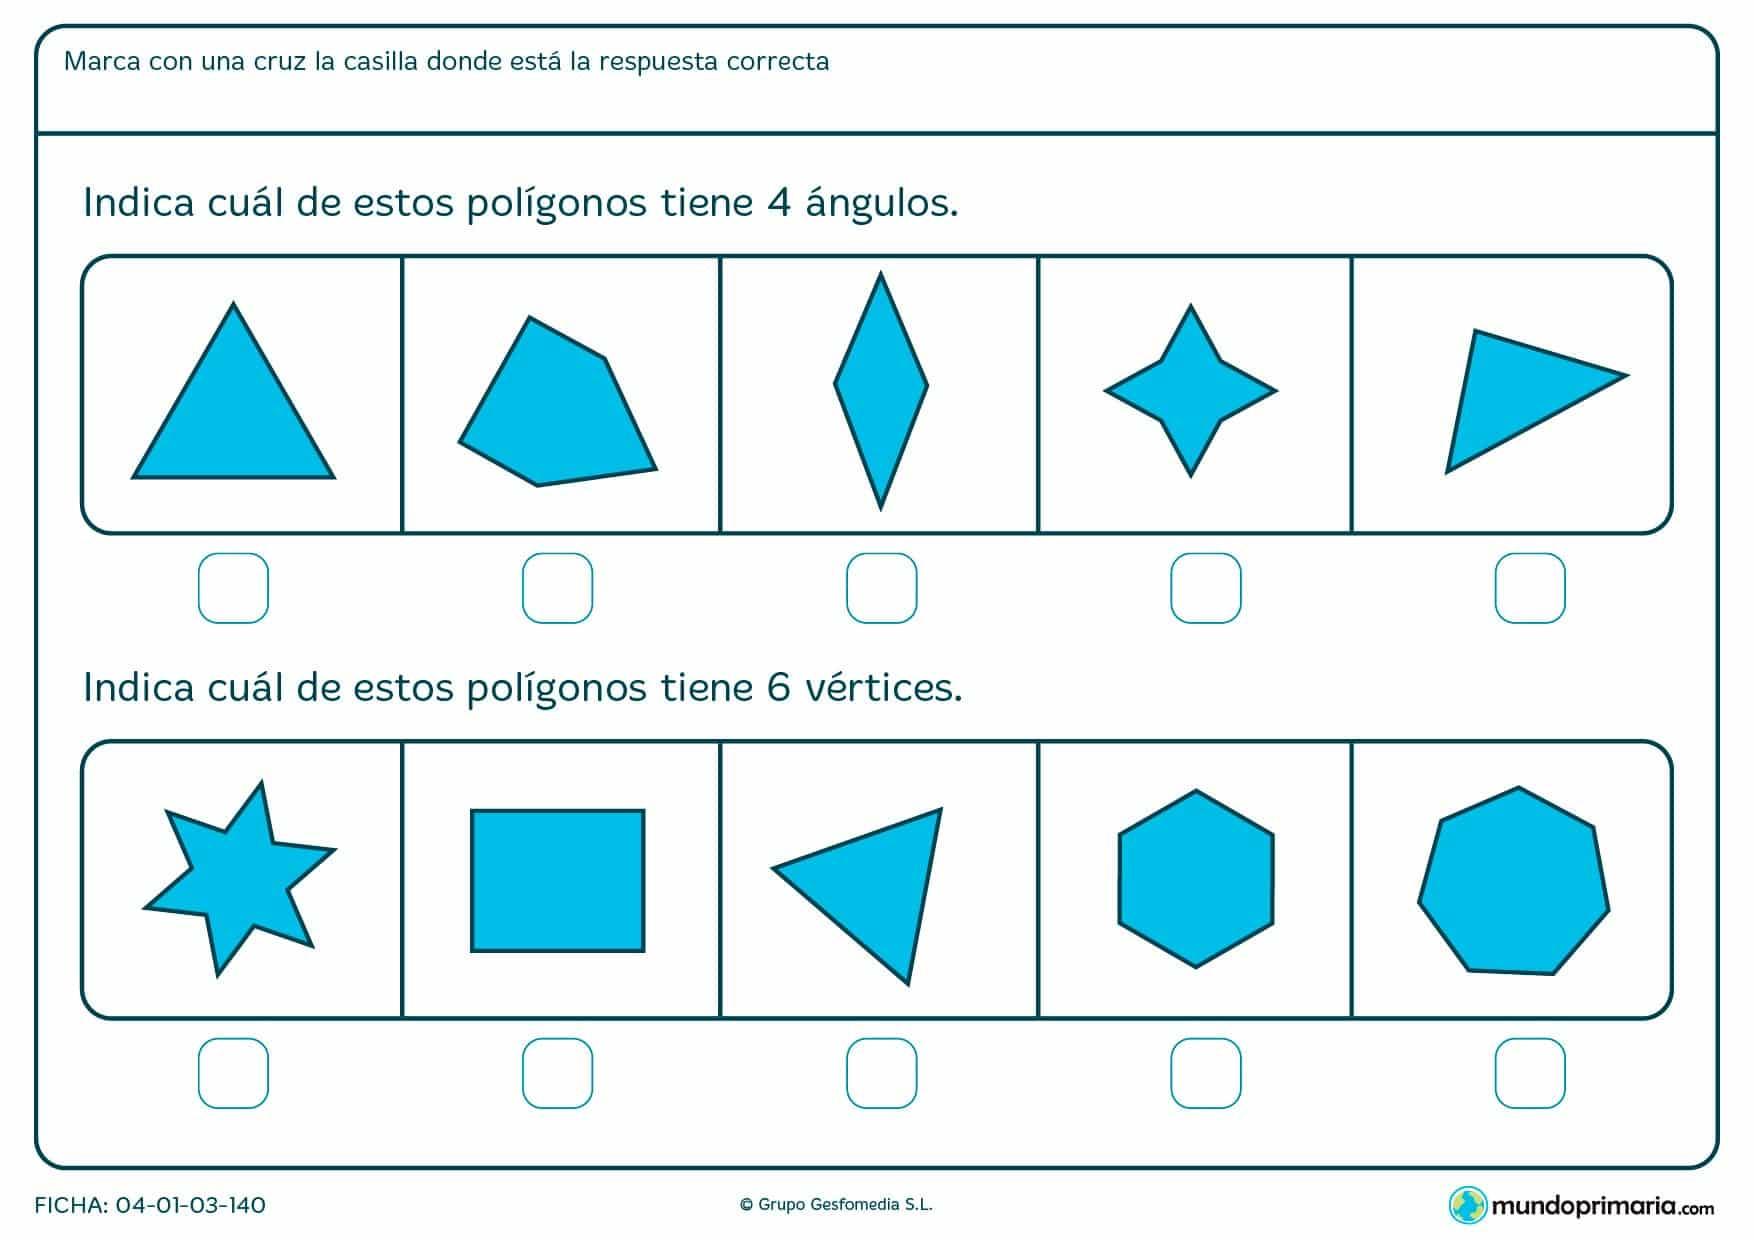 Ficha de ángulos y vértices para que los ordenes según sea el número de ángulos o vértices que tengan.